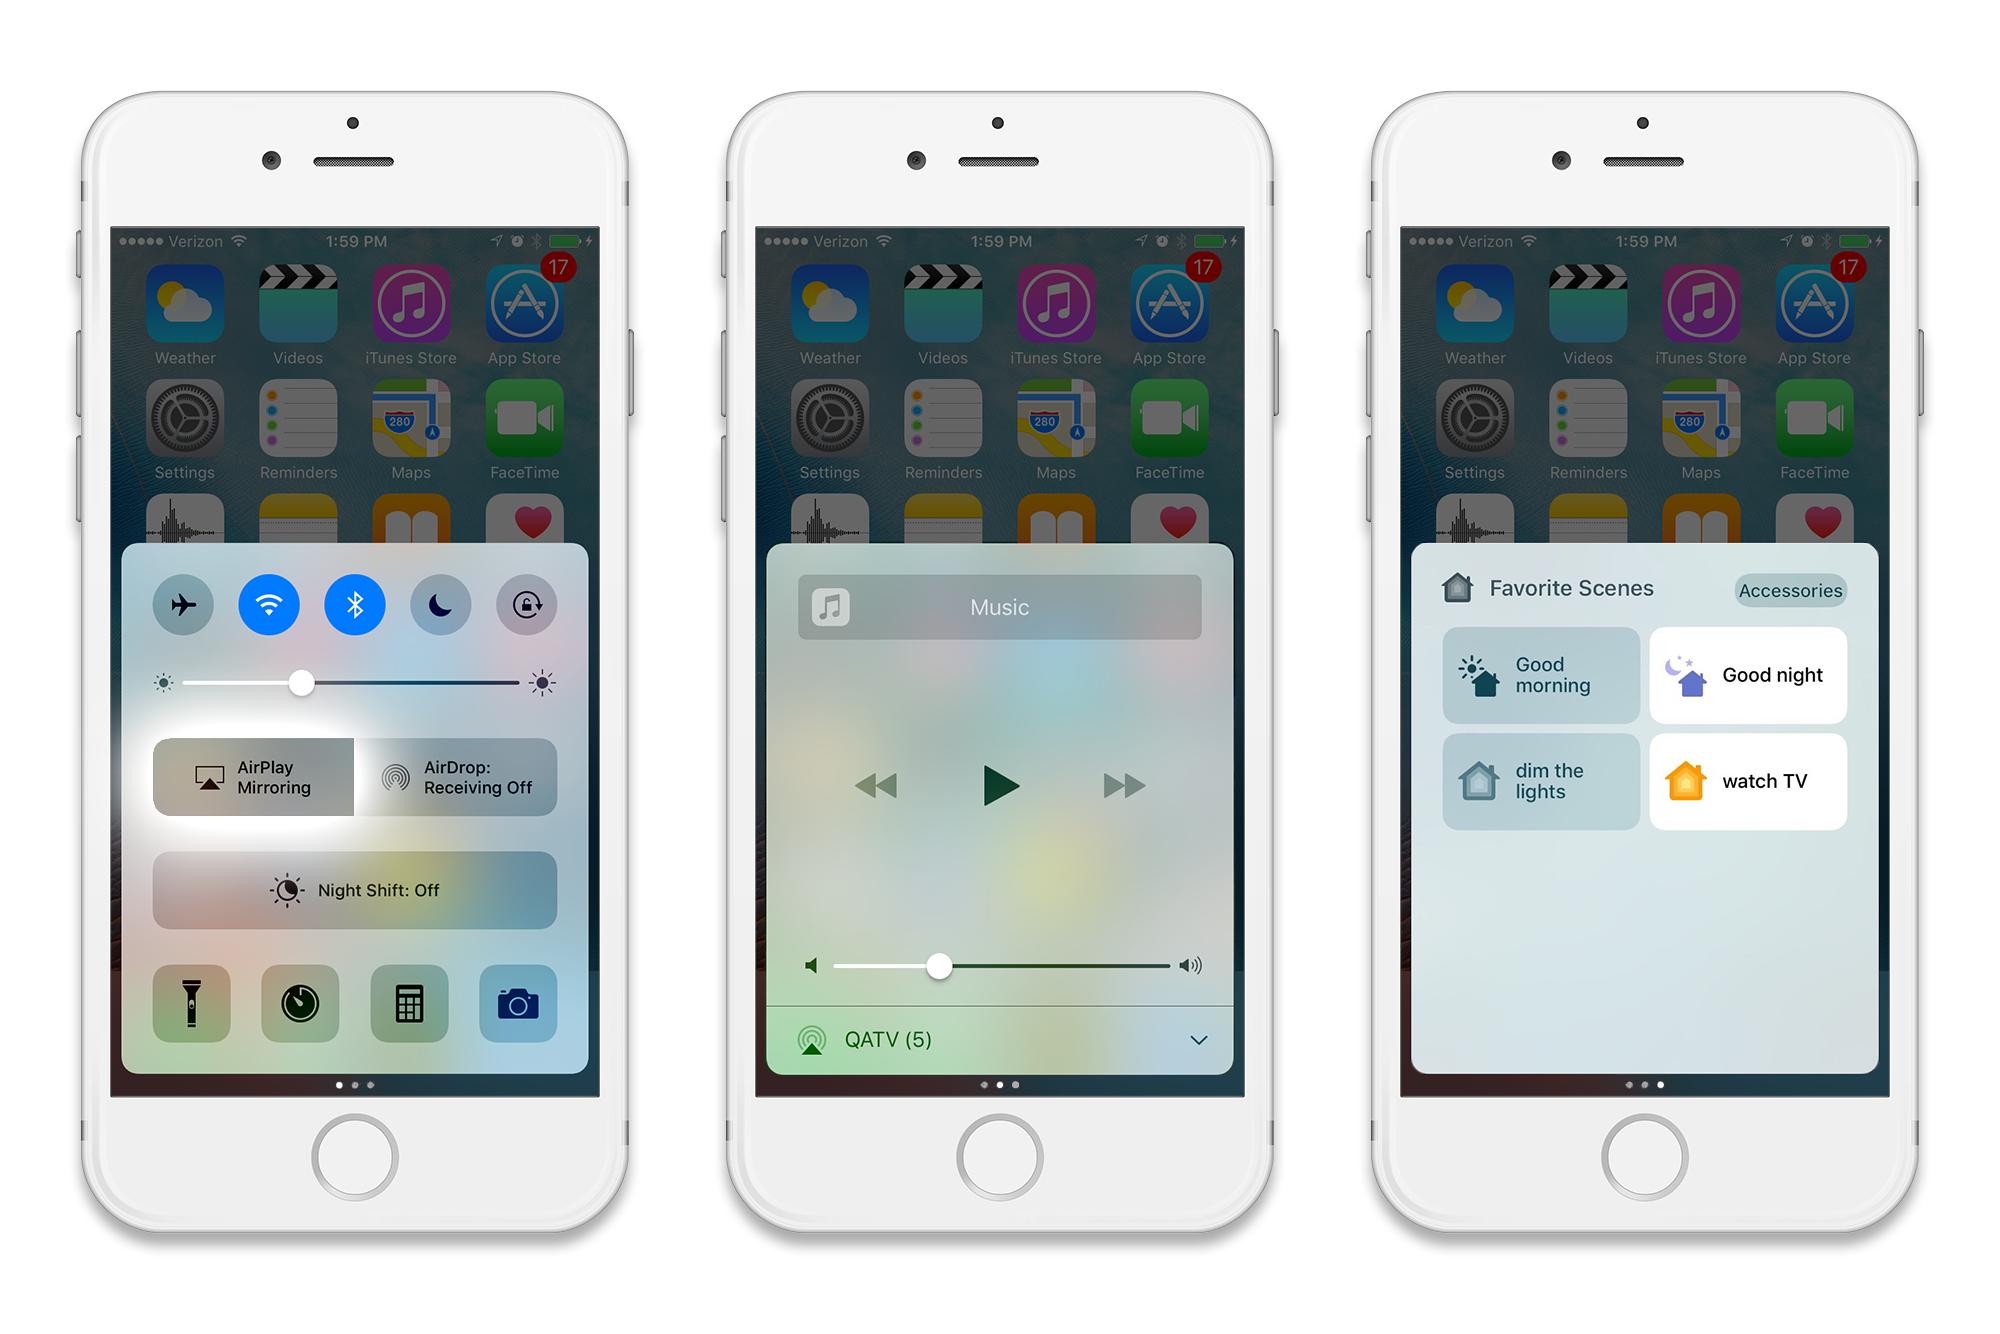 iOS 10 Control Center